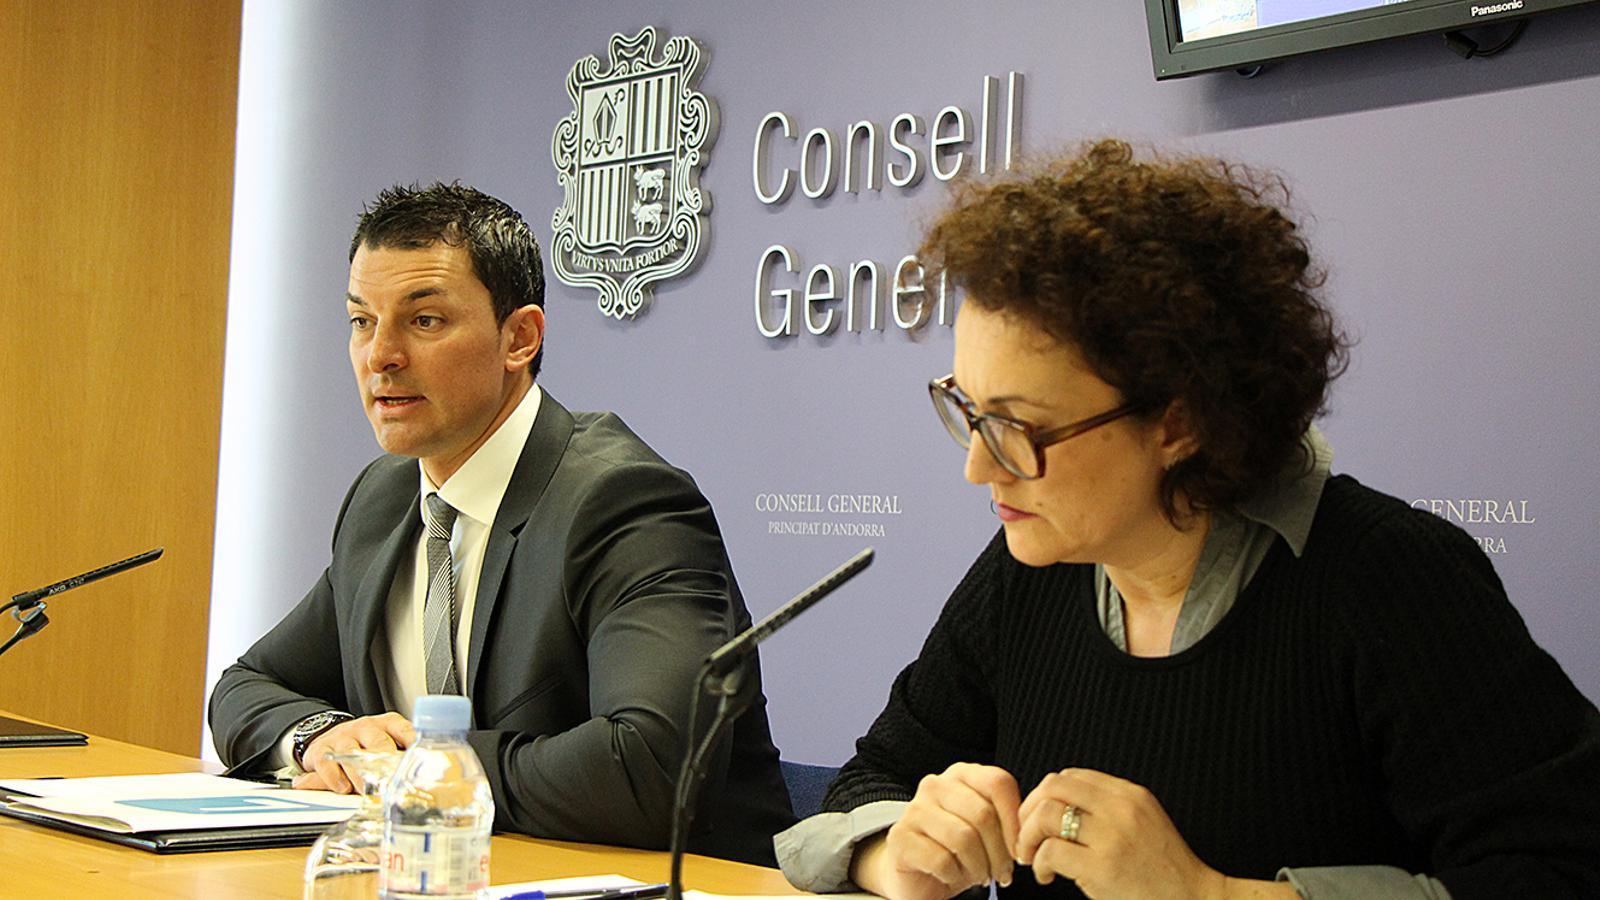 El president el grup liberal, Jordi Gallardo, i la consellera liberal, Judith Pallarés, durant la roda de premsa. / M. M.